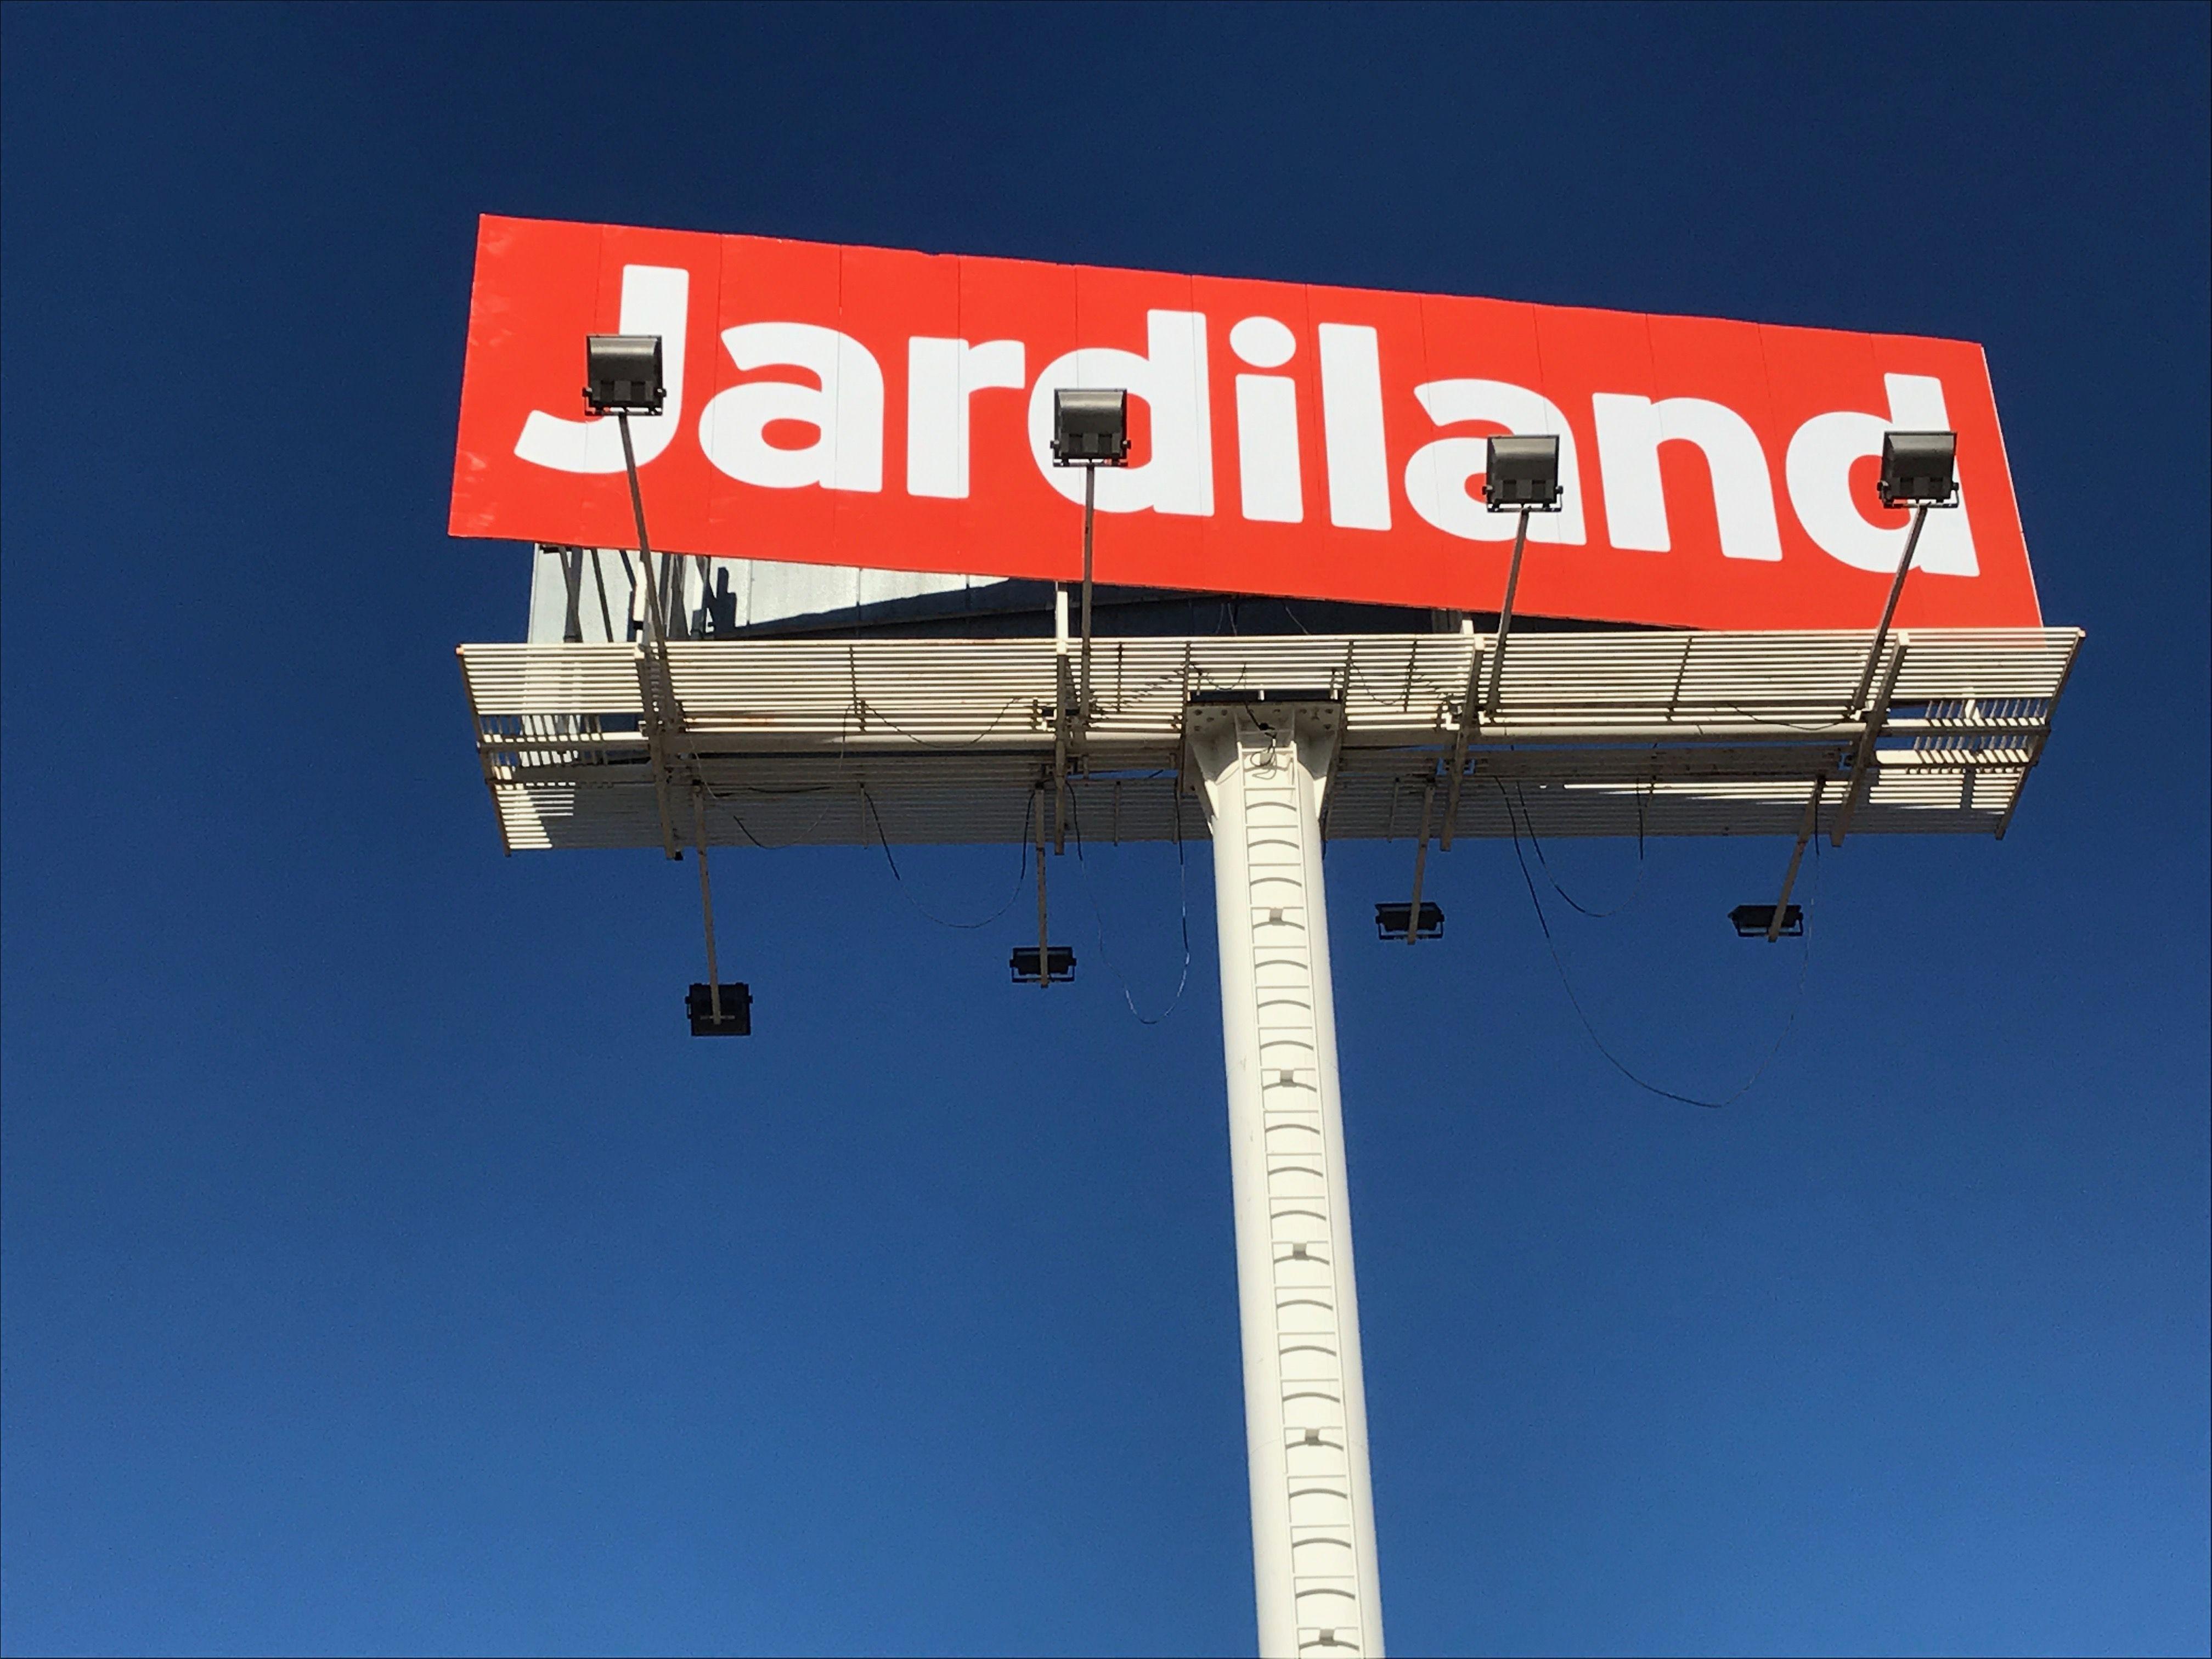 Instalación de soportes publicitarios en Cataluña